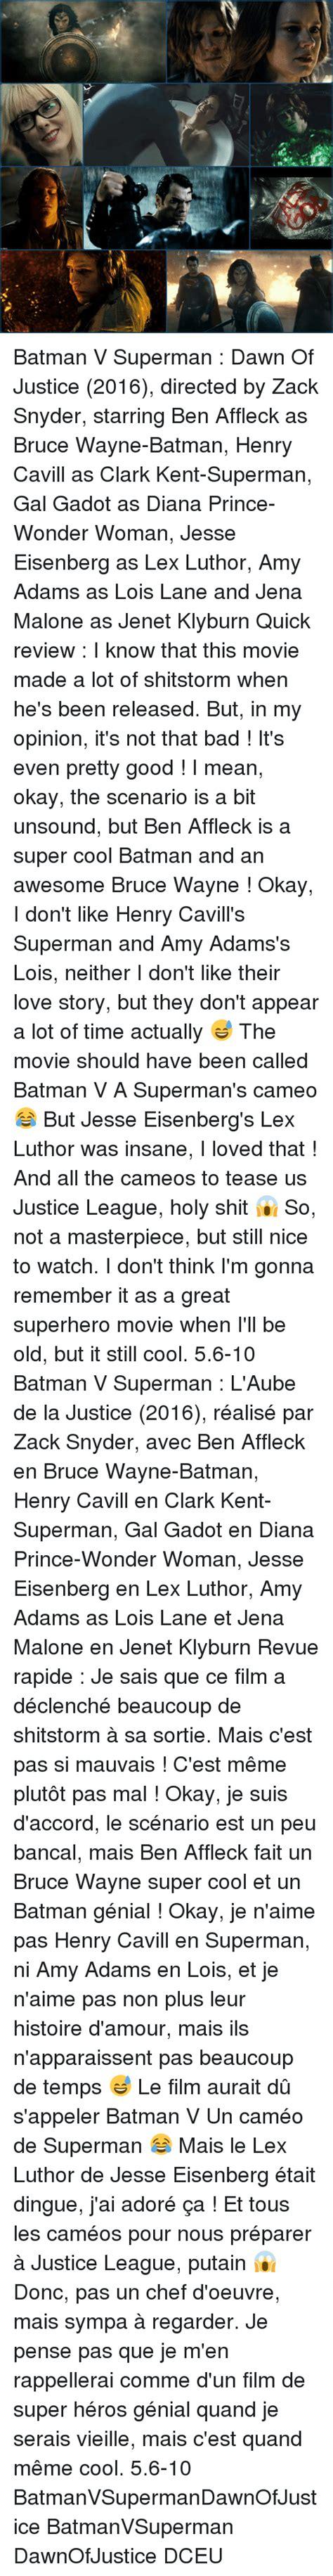 regarder d égal à égal auf augenhöhe film complet french gratuit 25 best memes about henry cavill superman henry cavill